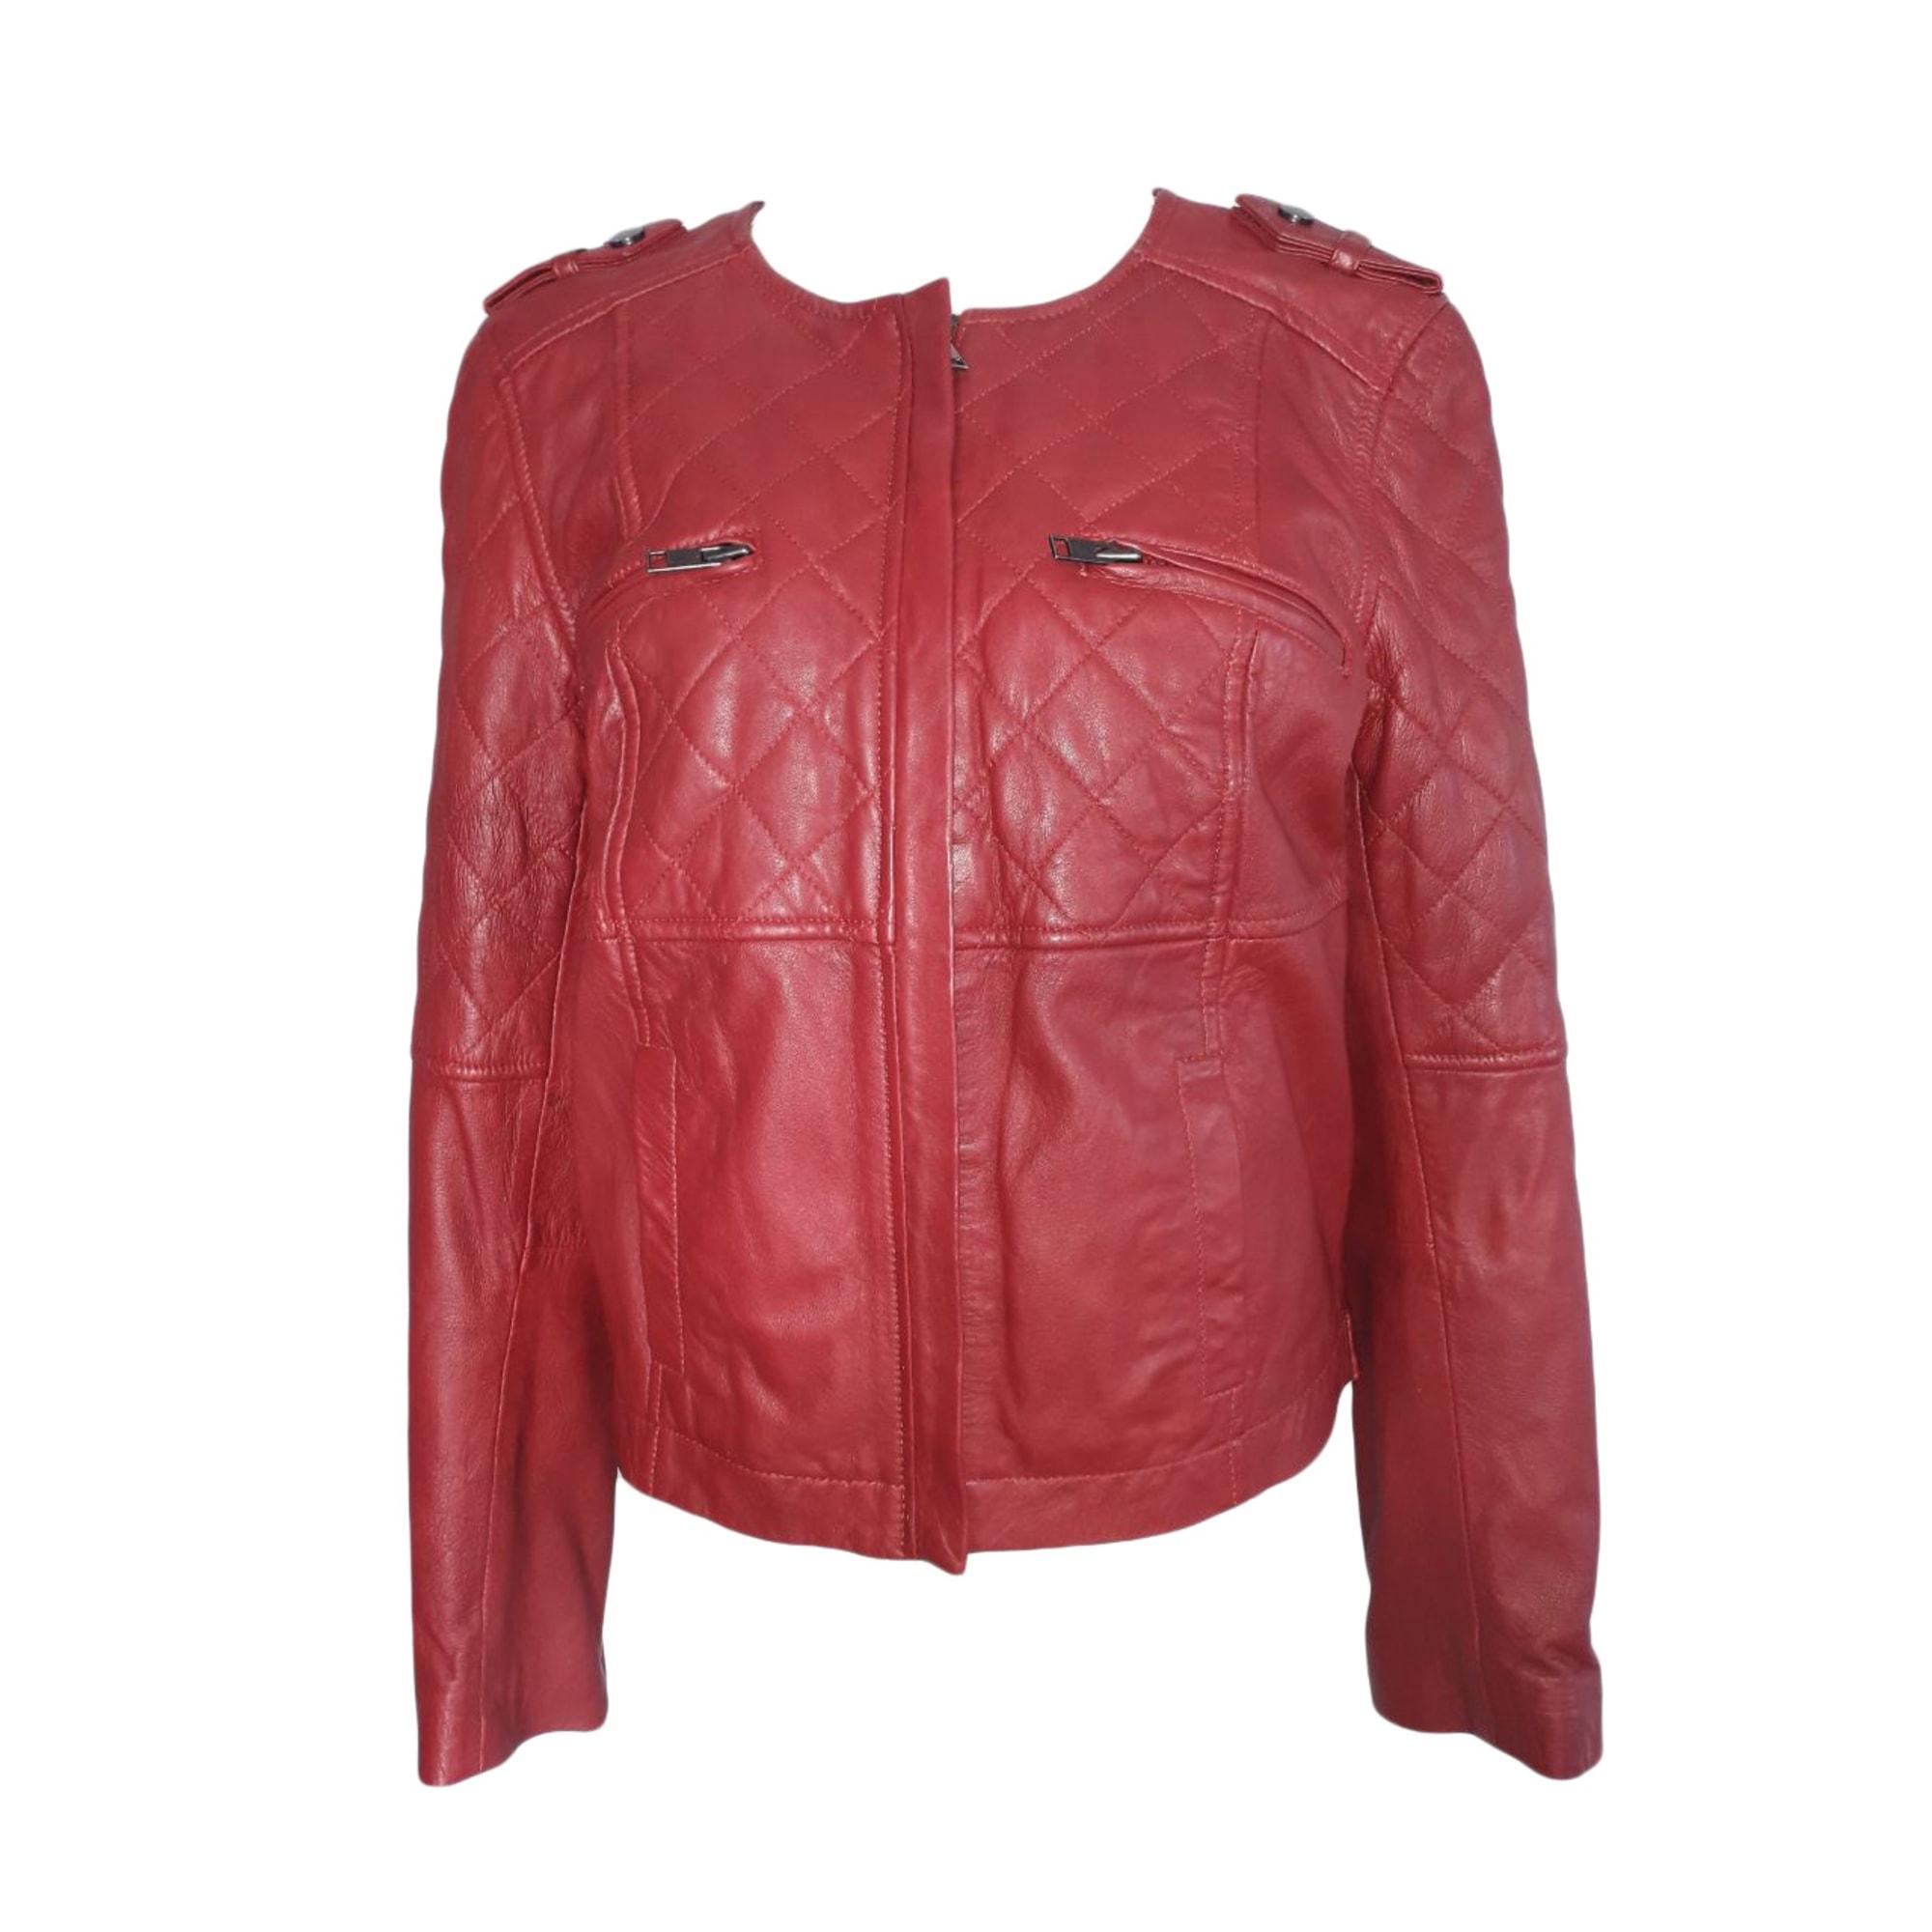 Veste en cuir COMPTOIR DES COTONNIERS 40 (L, T3) marron